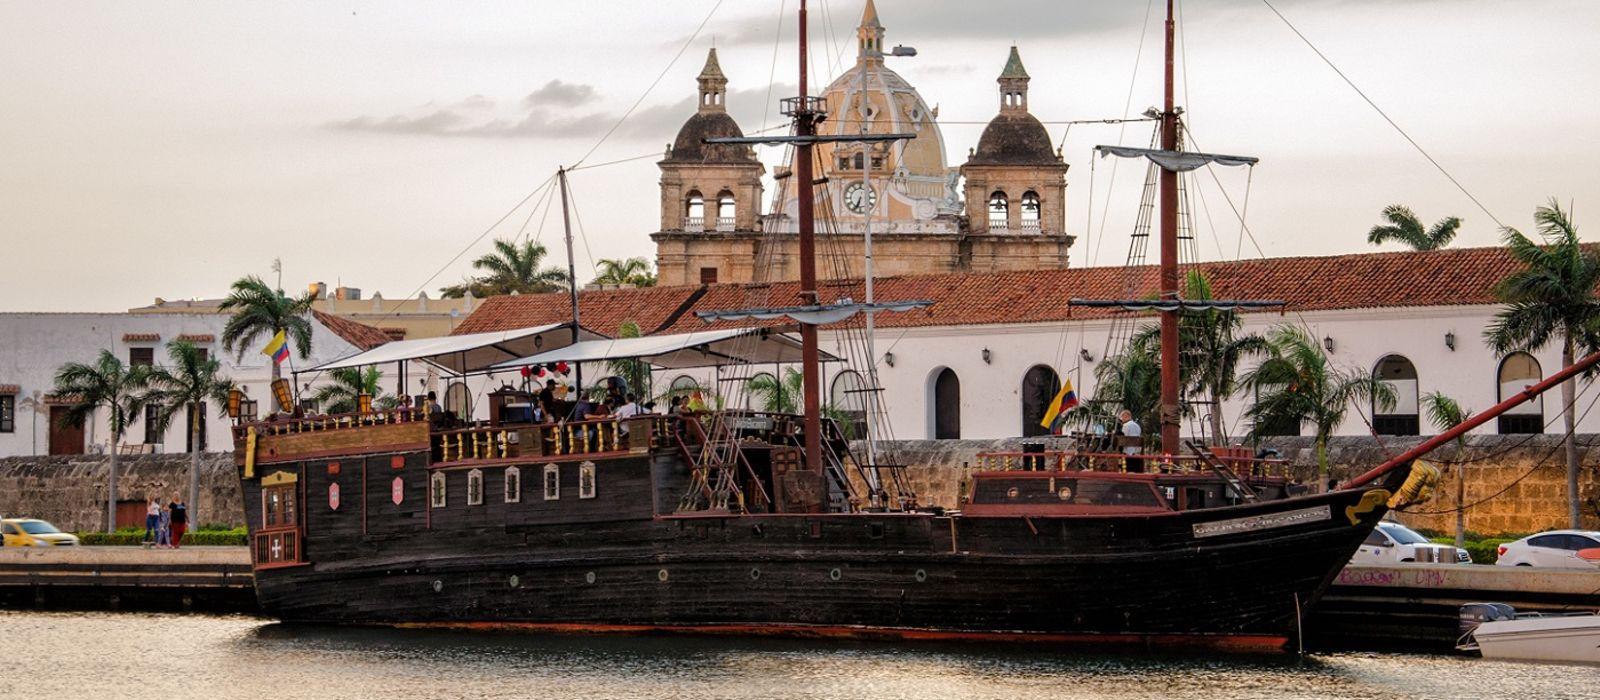 Destination Cartagena Colombia